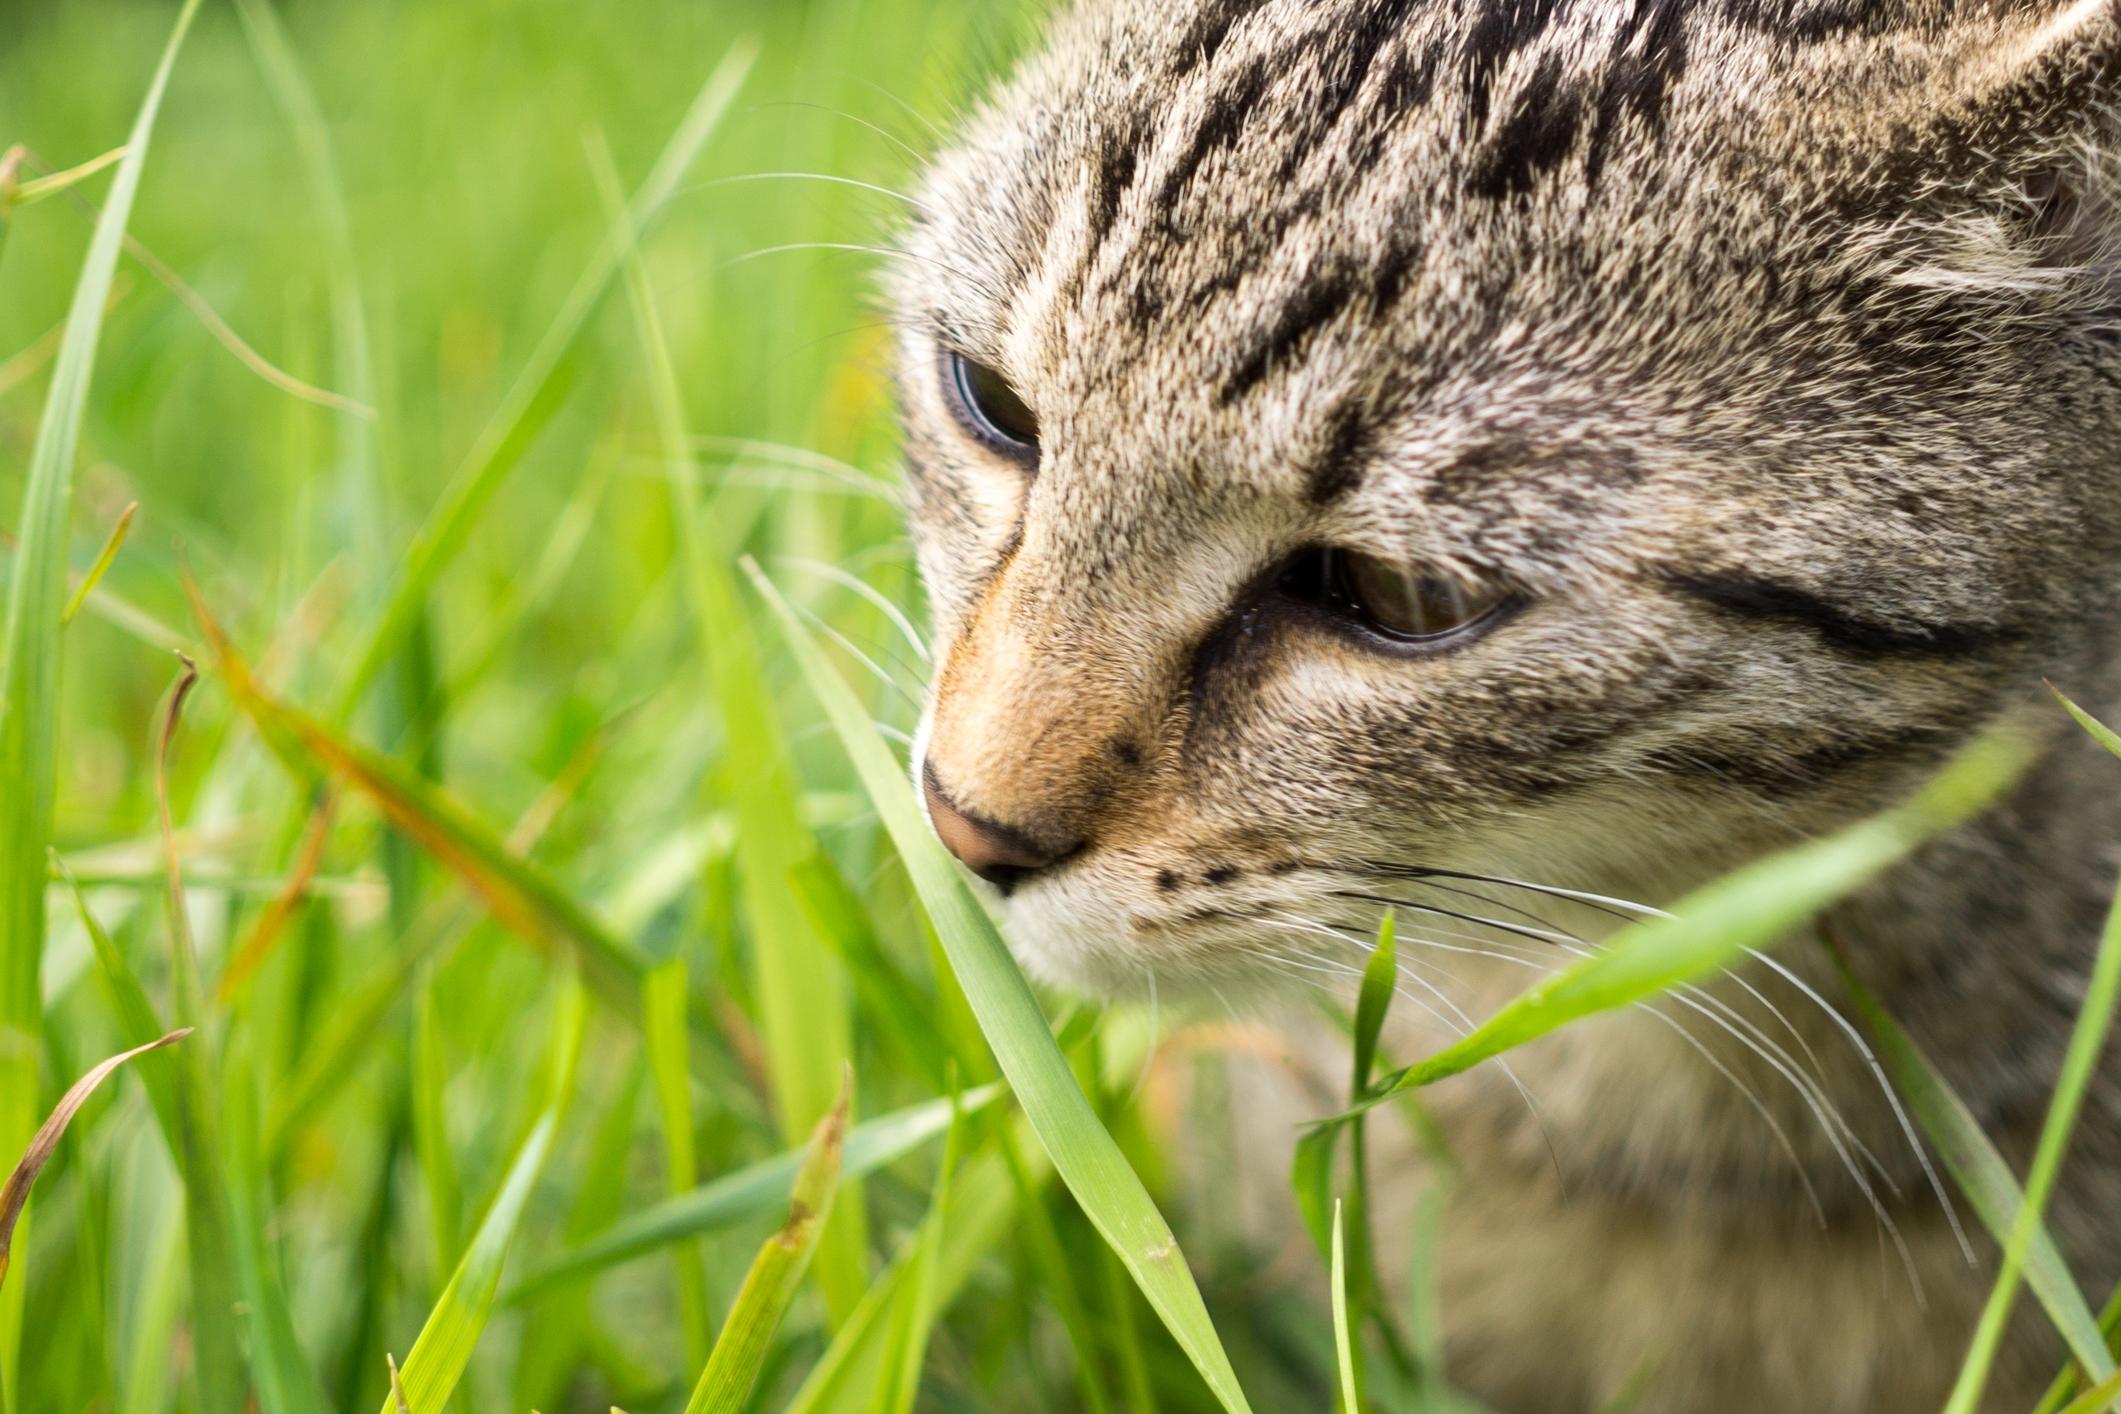 image Comment éloigner le chat du jardin ?